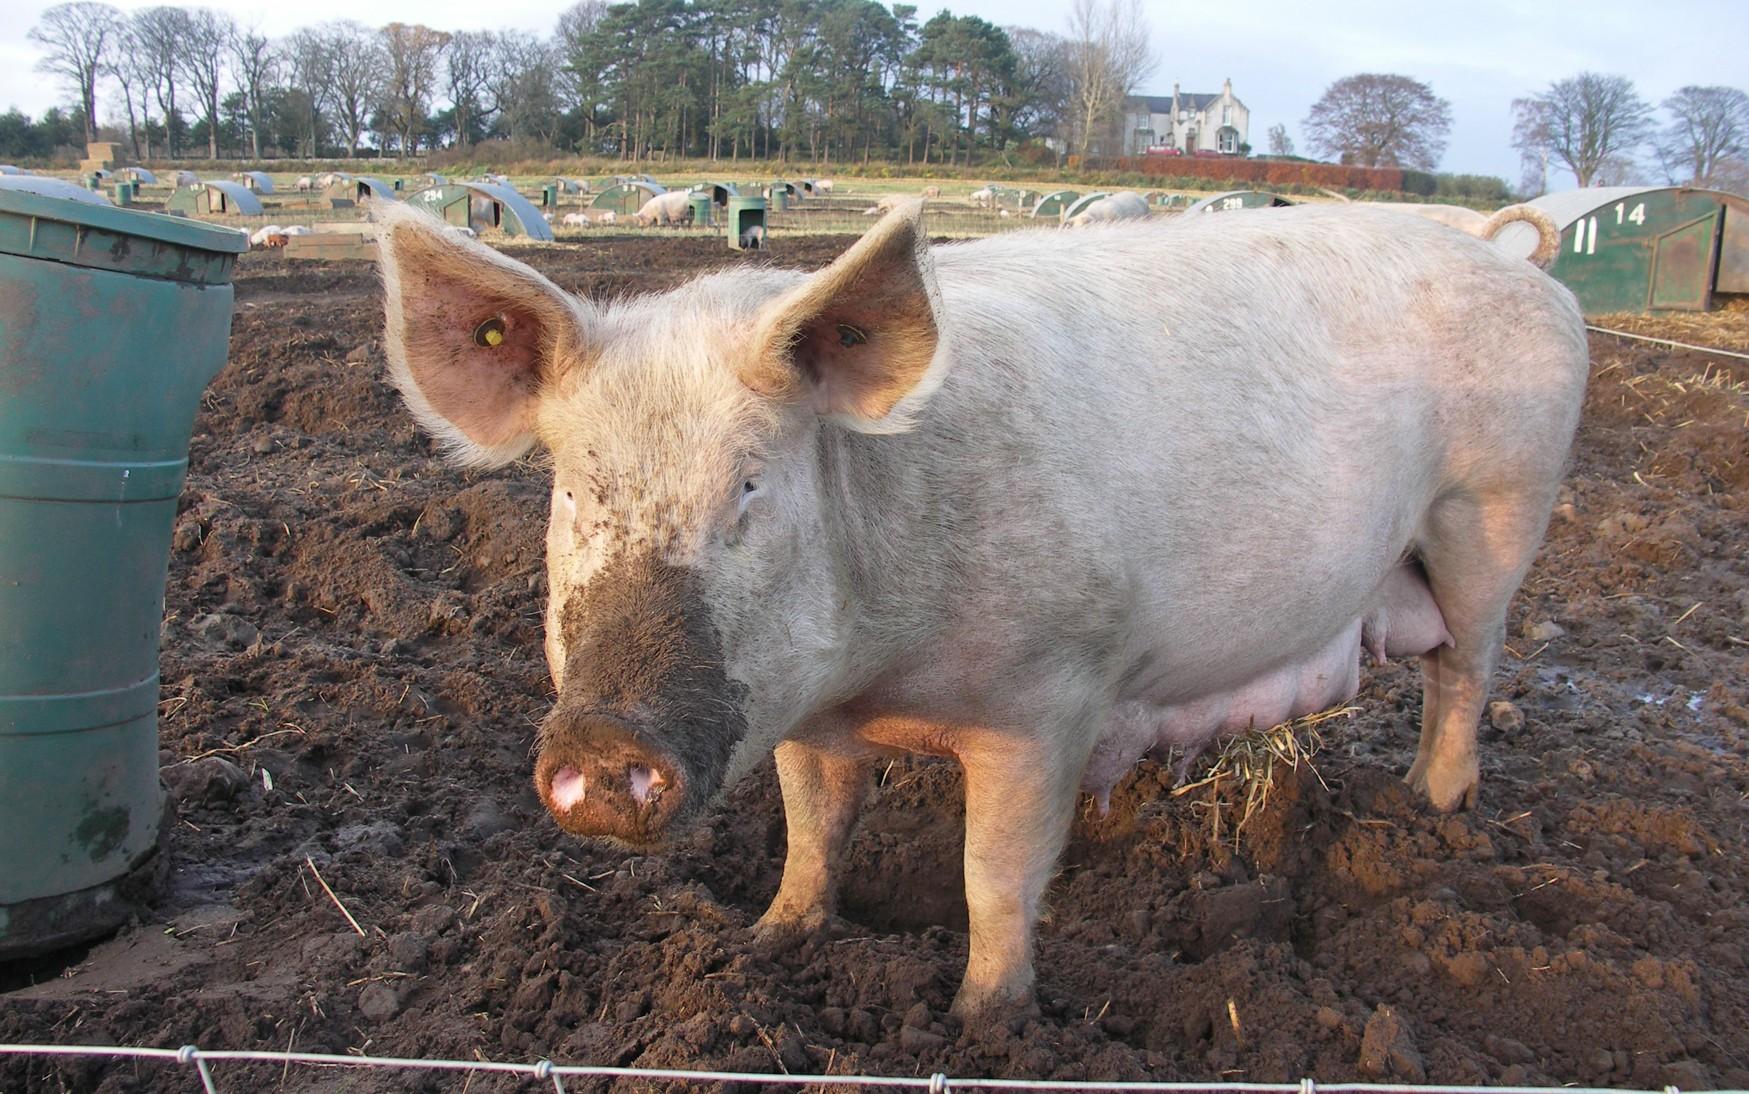 ачс, мясо, свинина, цены